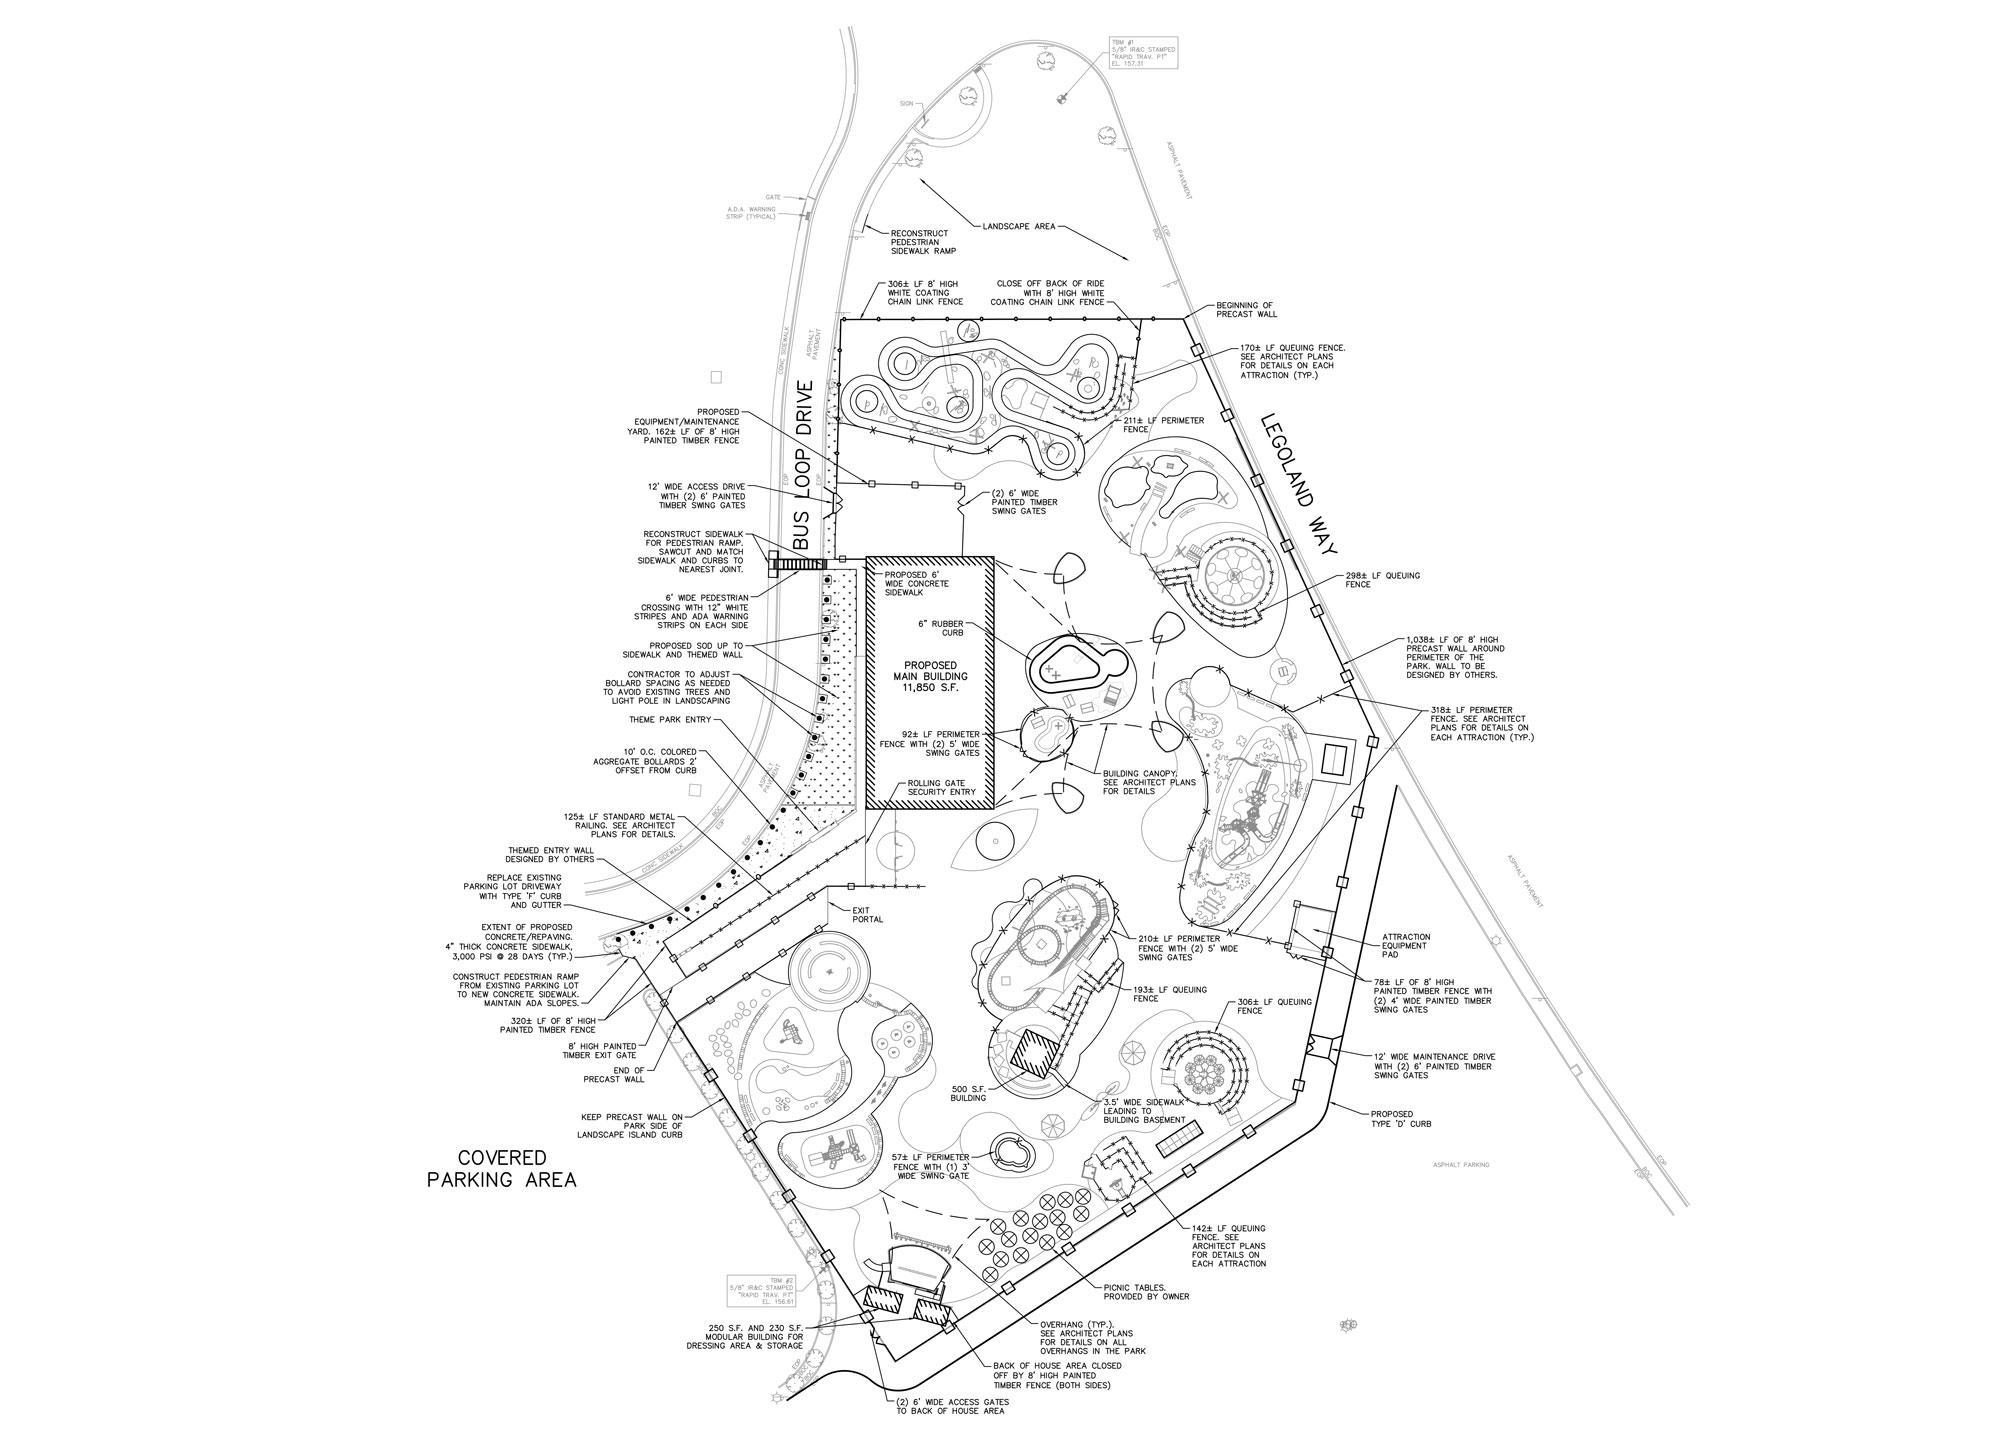 Legoland-blueprint.jpg